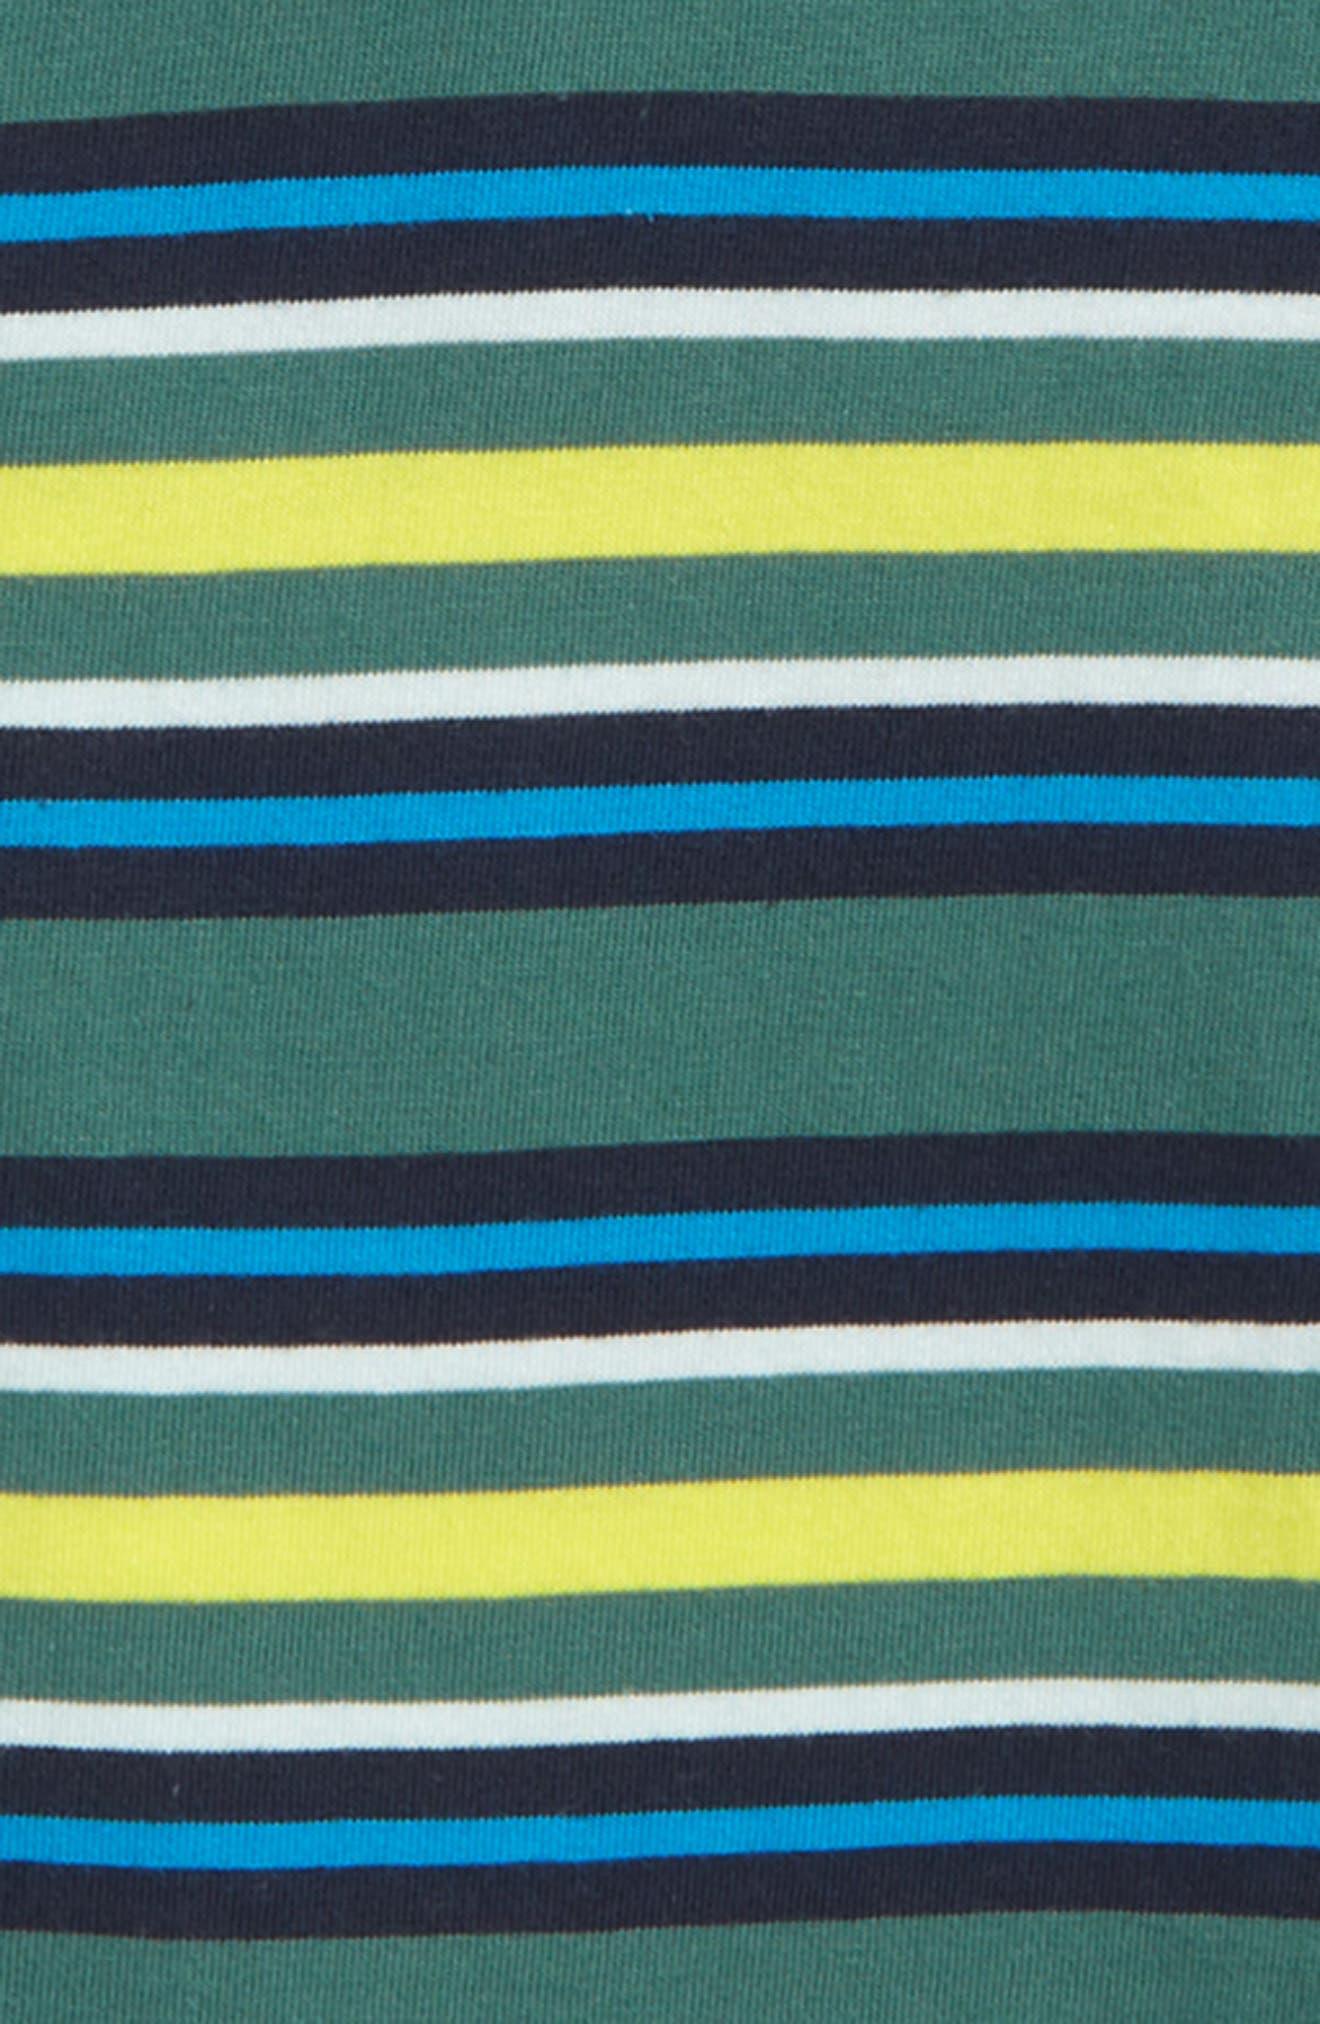 Happy Stripe Hoodie,                             Alternate thumbnail 2, color,                             362